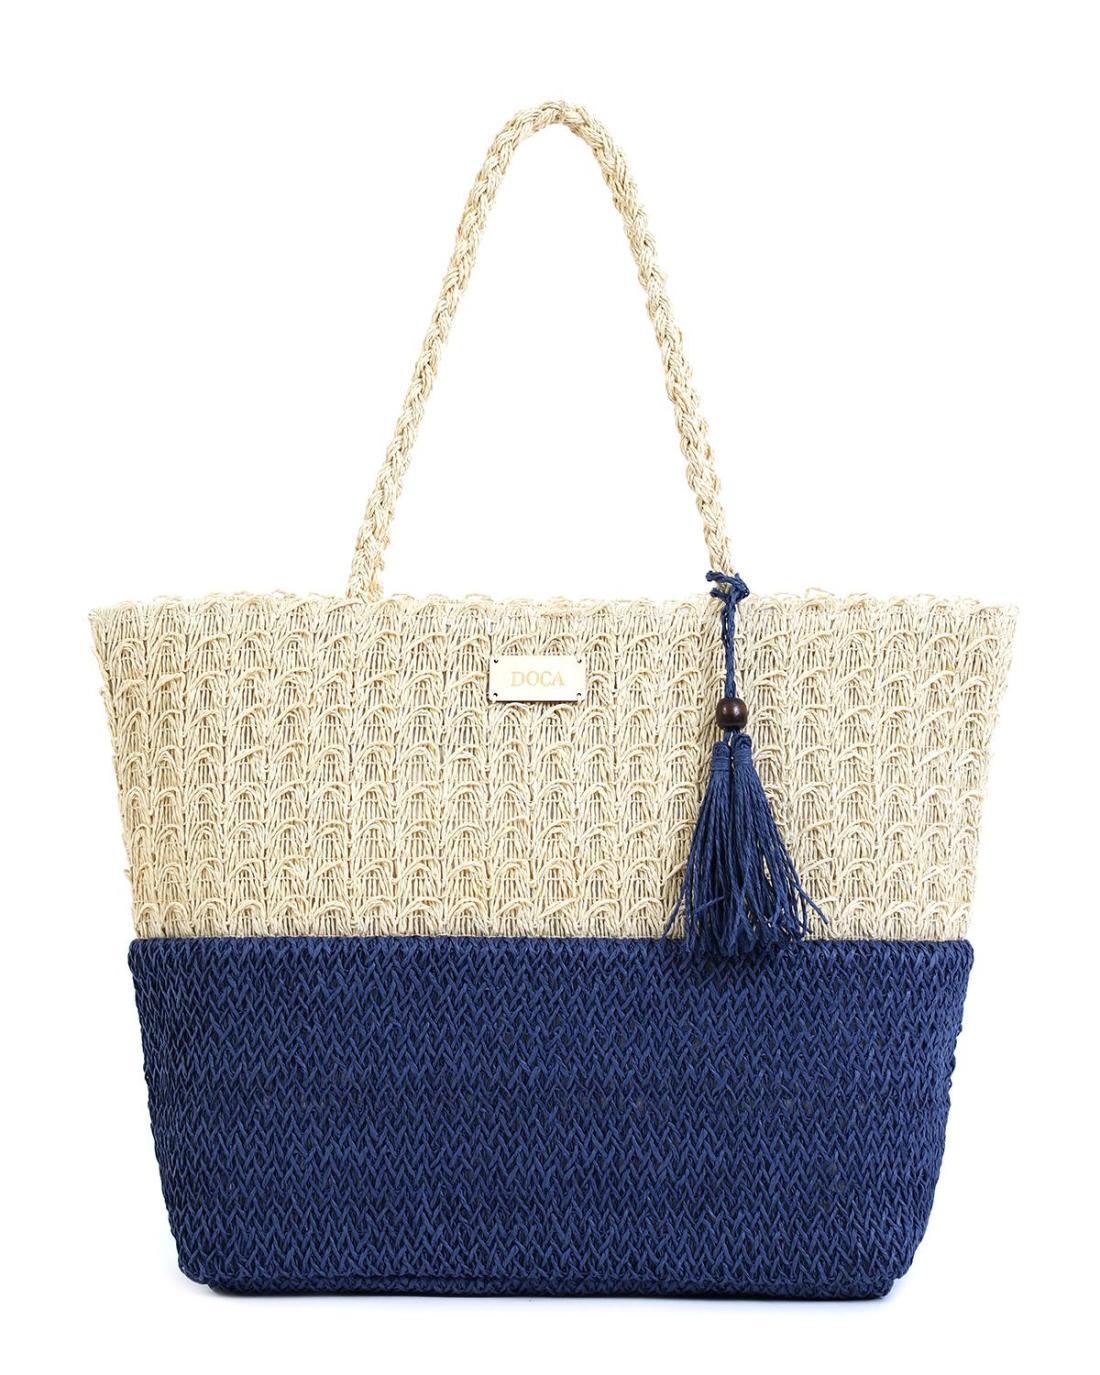 Ψάθινη τσάντα θαλάσσης μπλε